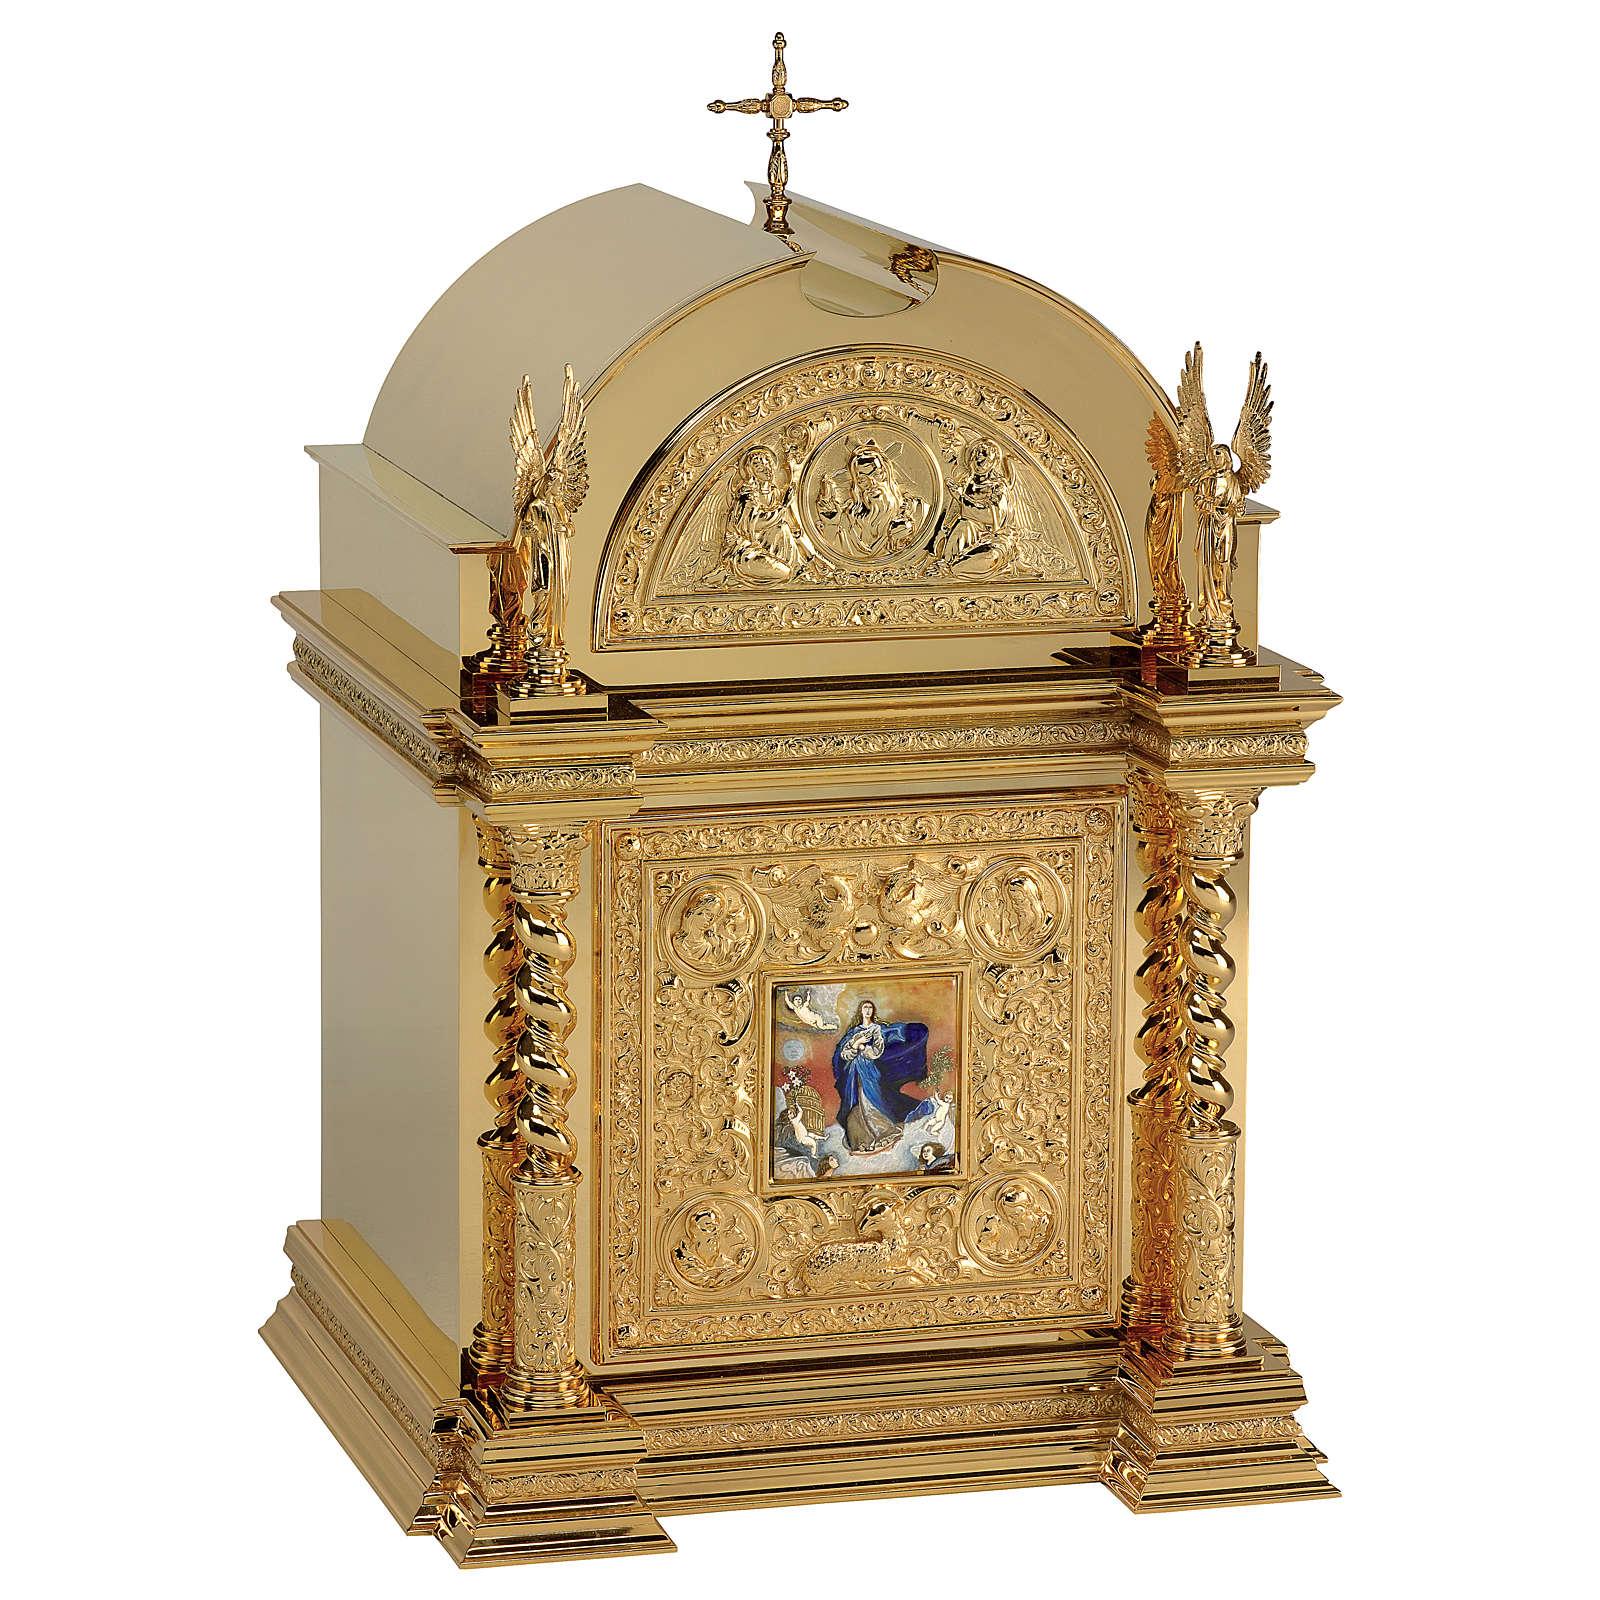 Tabernacolo Molina stile Rinascimentale Immacolata Concezione ottone dorato 76x51x56 cm 4